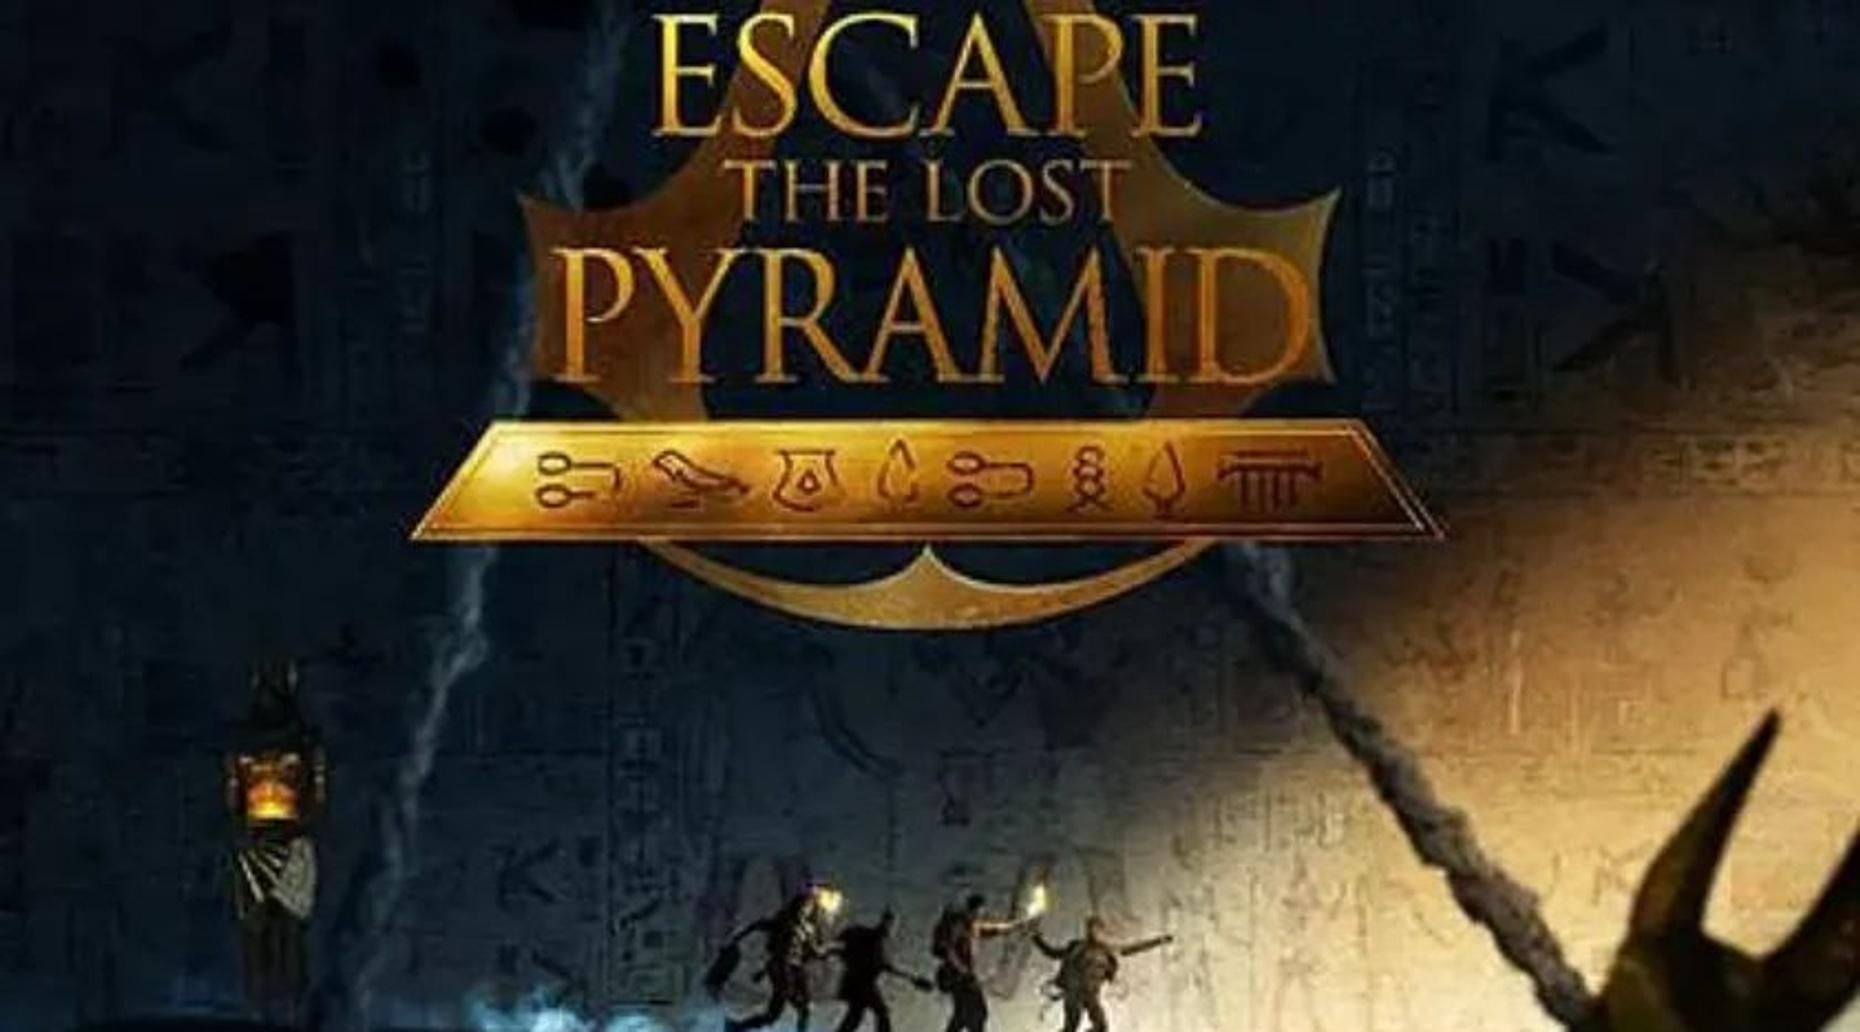 Escape the Lost Pyramid Virtual Reality Adventure in Tulare